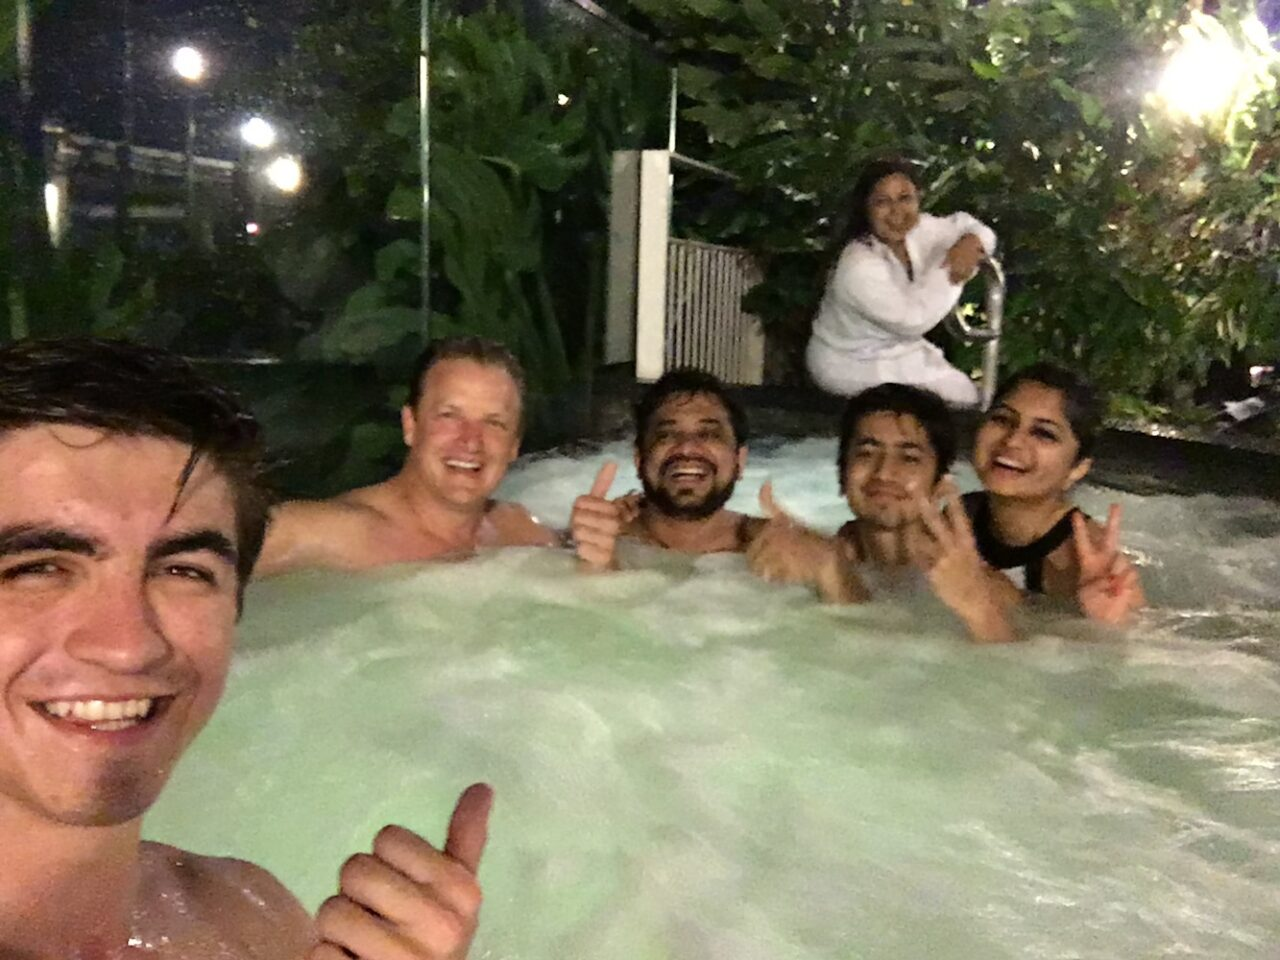 Making friends wherever we swim – Parish family from Mumbai